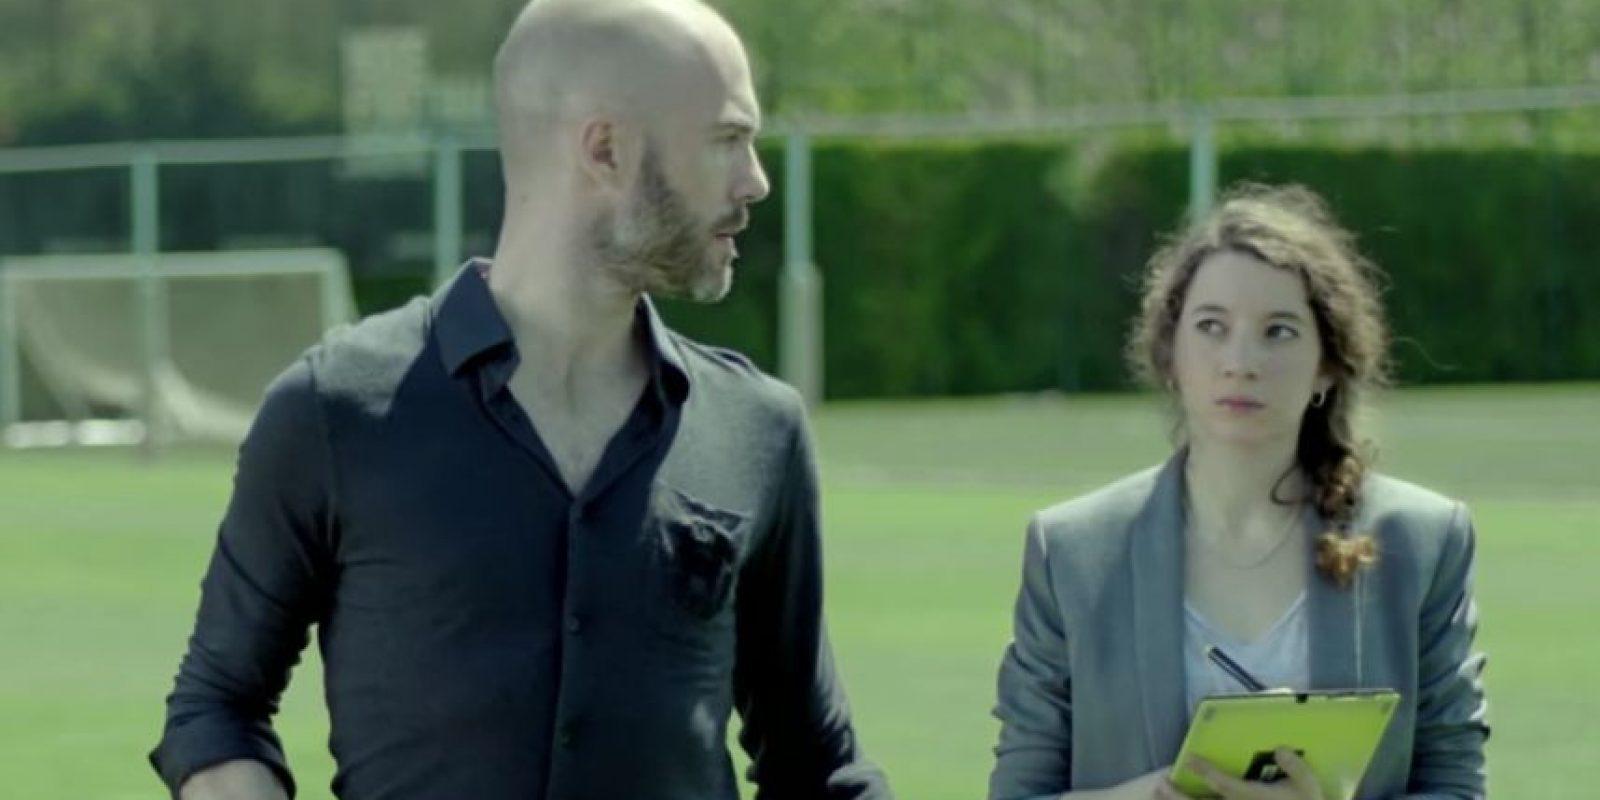 La gente no sabe por qué se ríe Suárez. Foto:FC Barcelona / YouTube